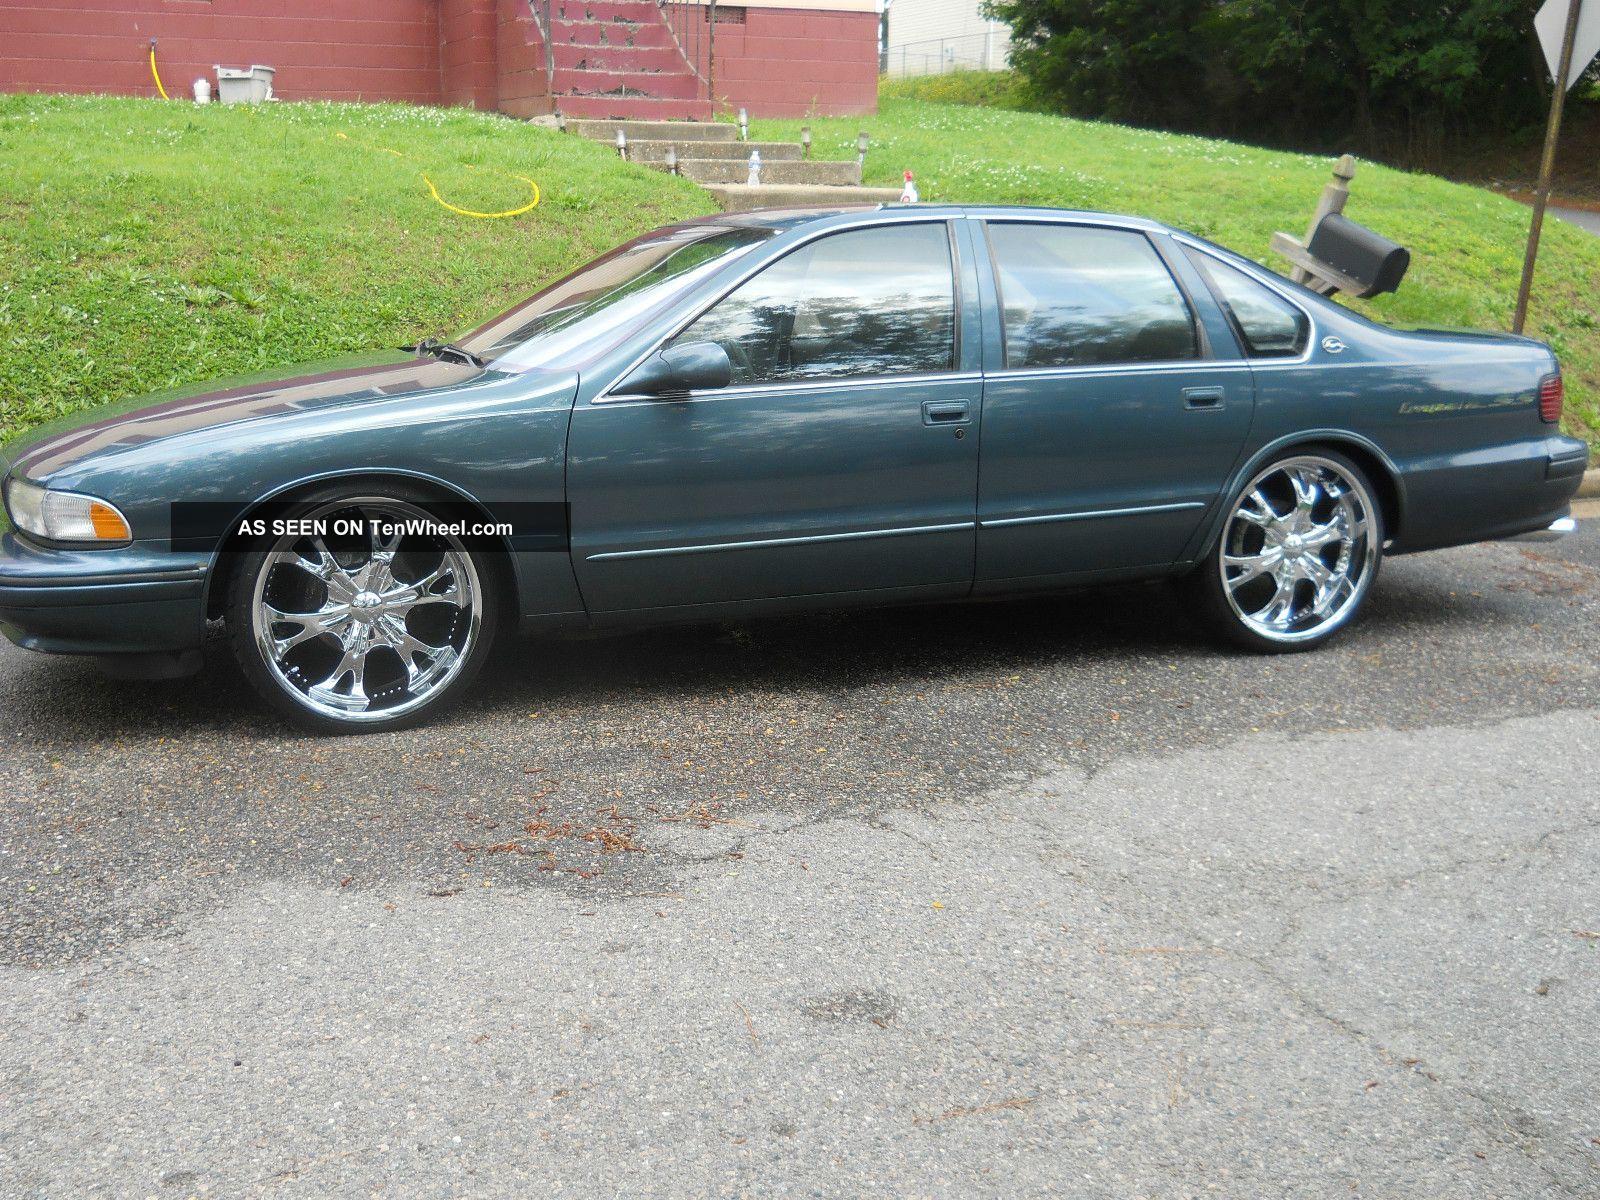 1996 Impala Impala photo